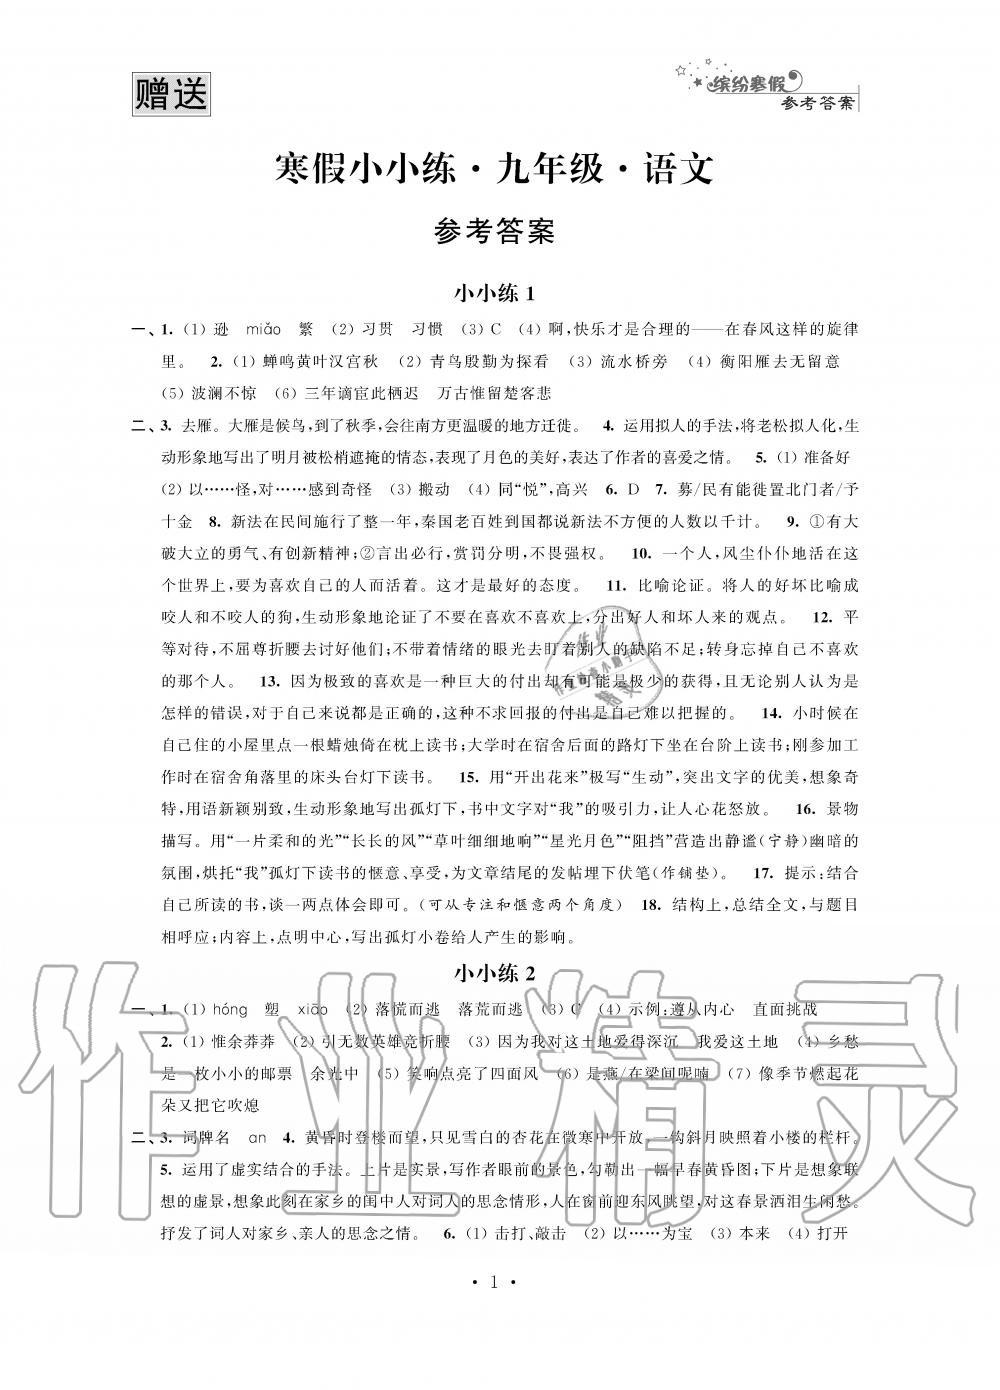 2020年寒假小小练九年级语文数学英语物理化学合订本第1页